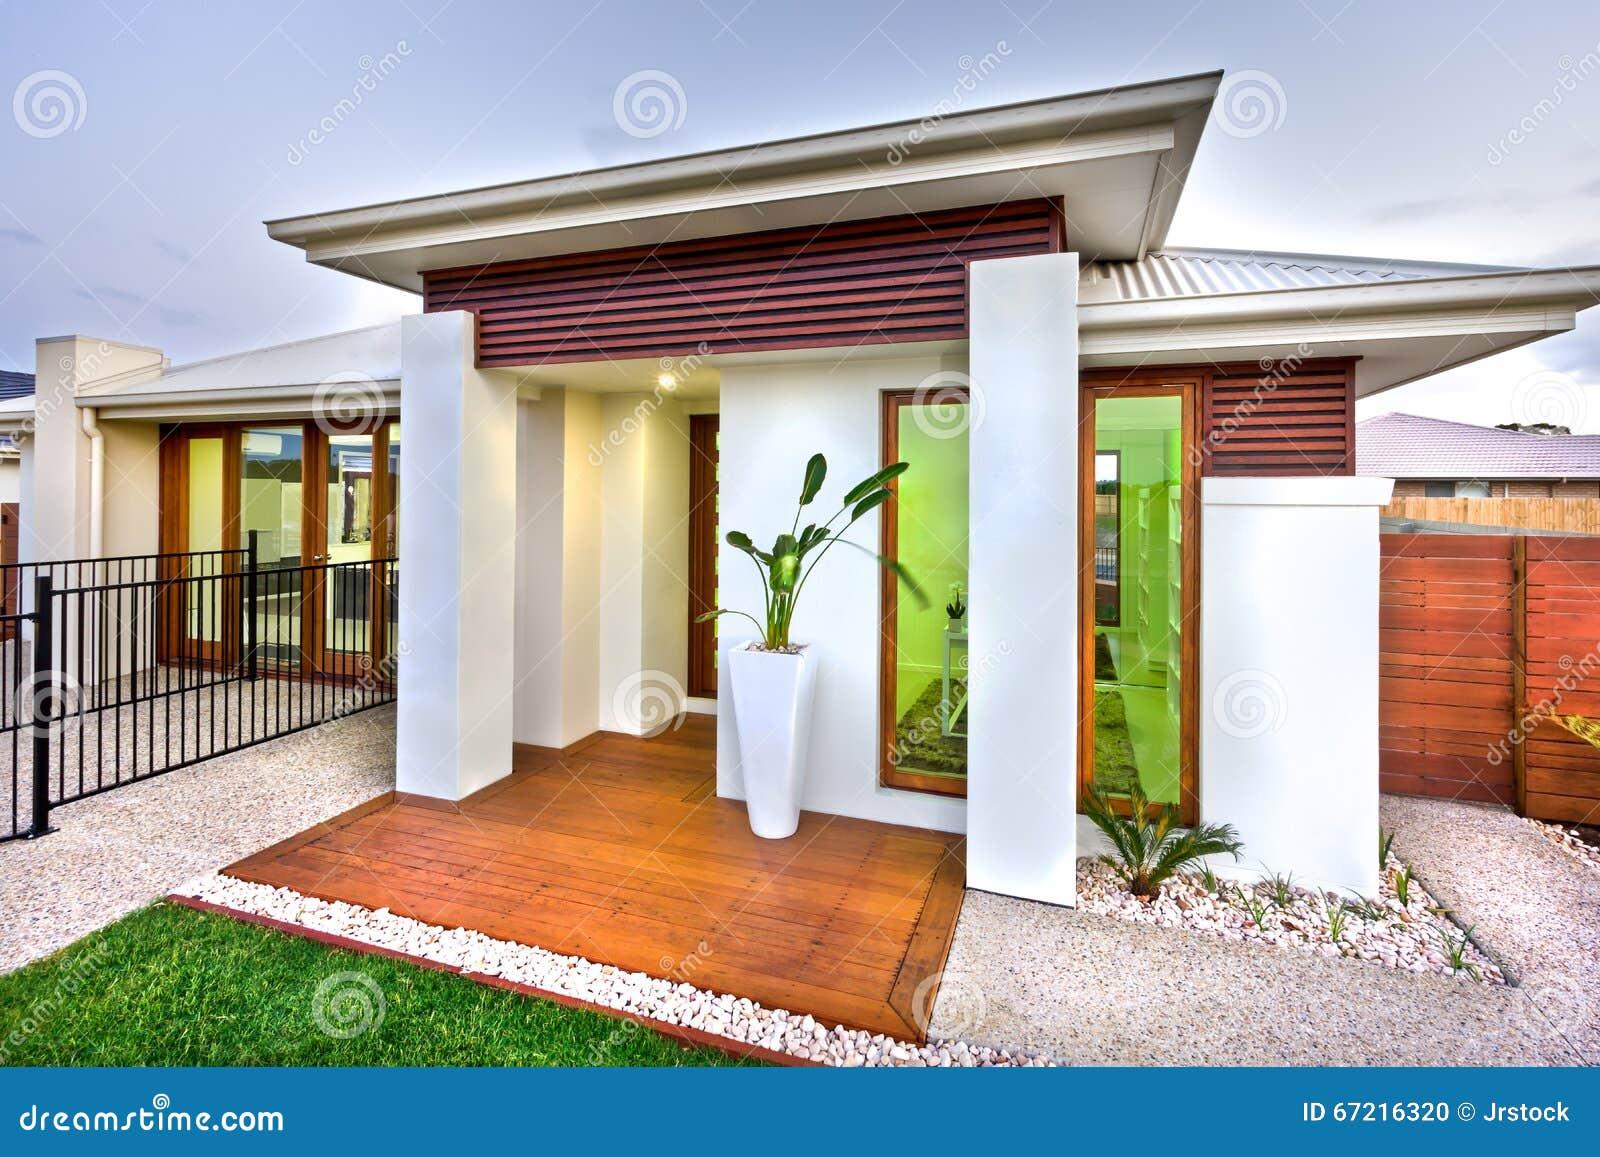 Entrée moderne de maison avec une cour en bois et concrète avec ...